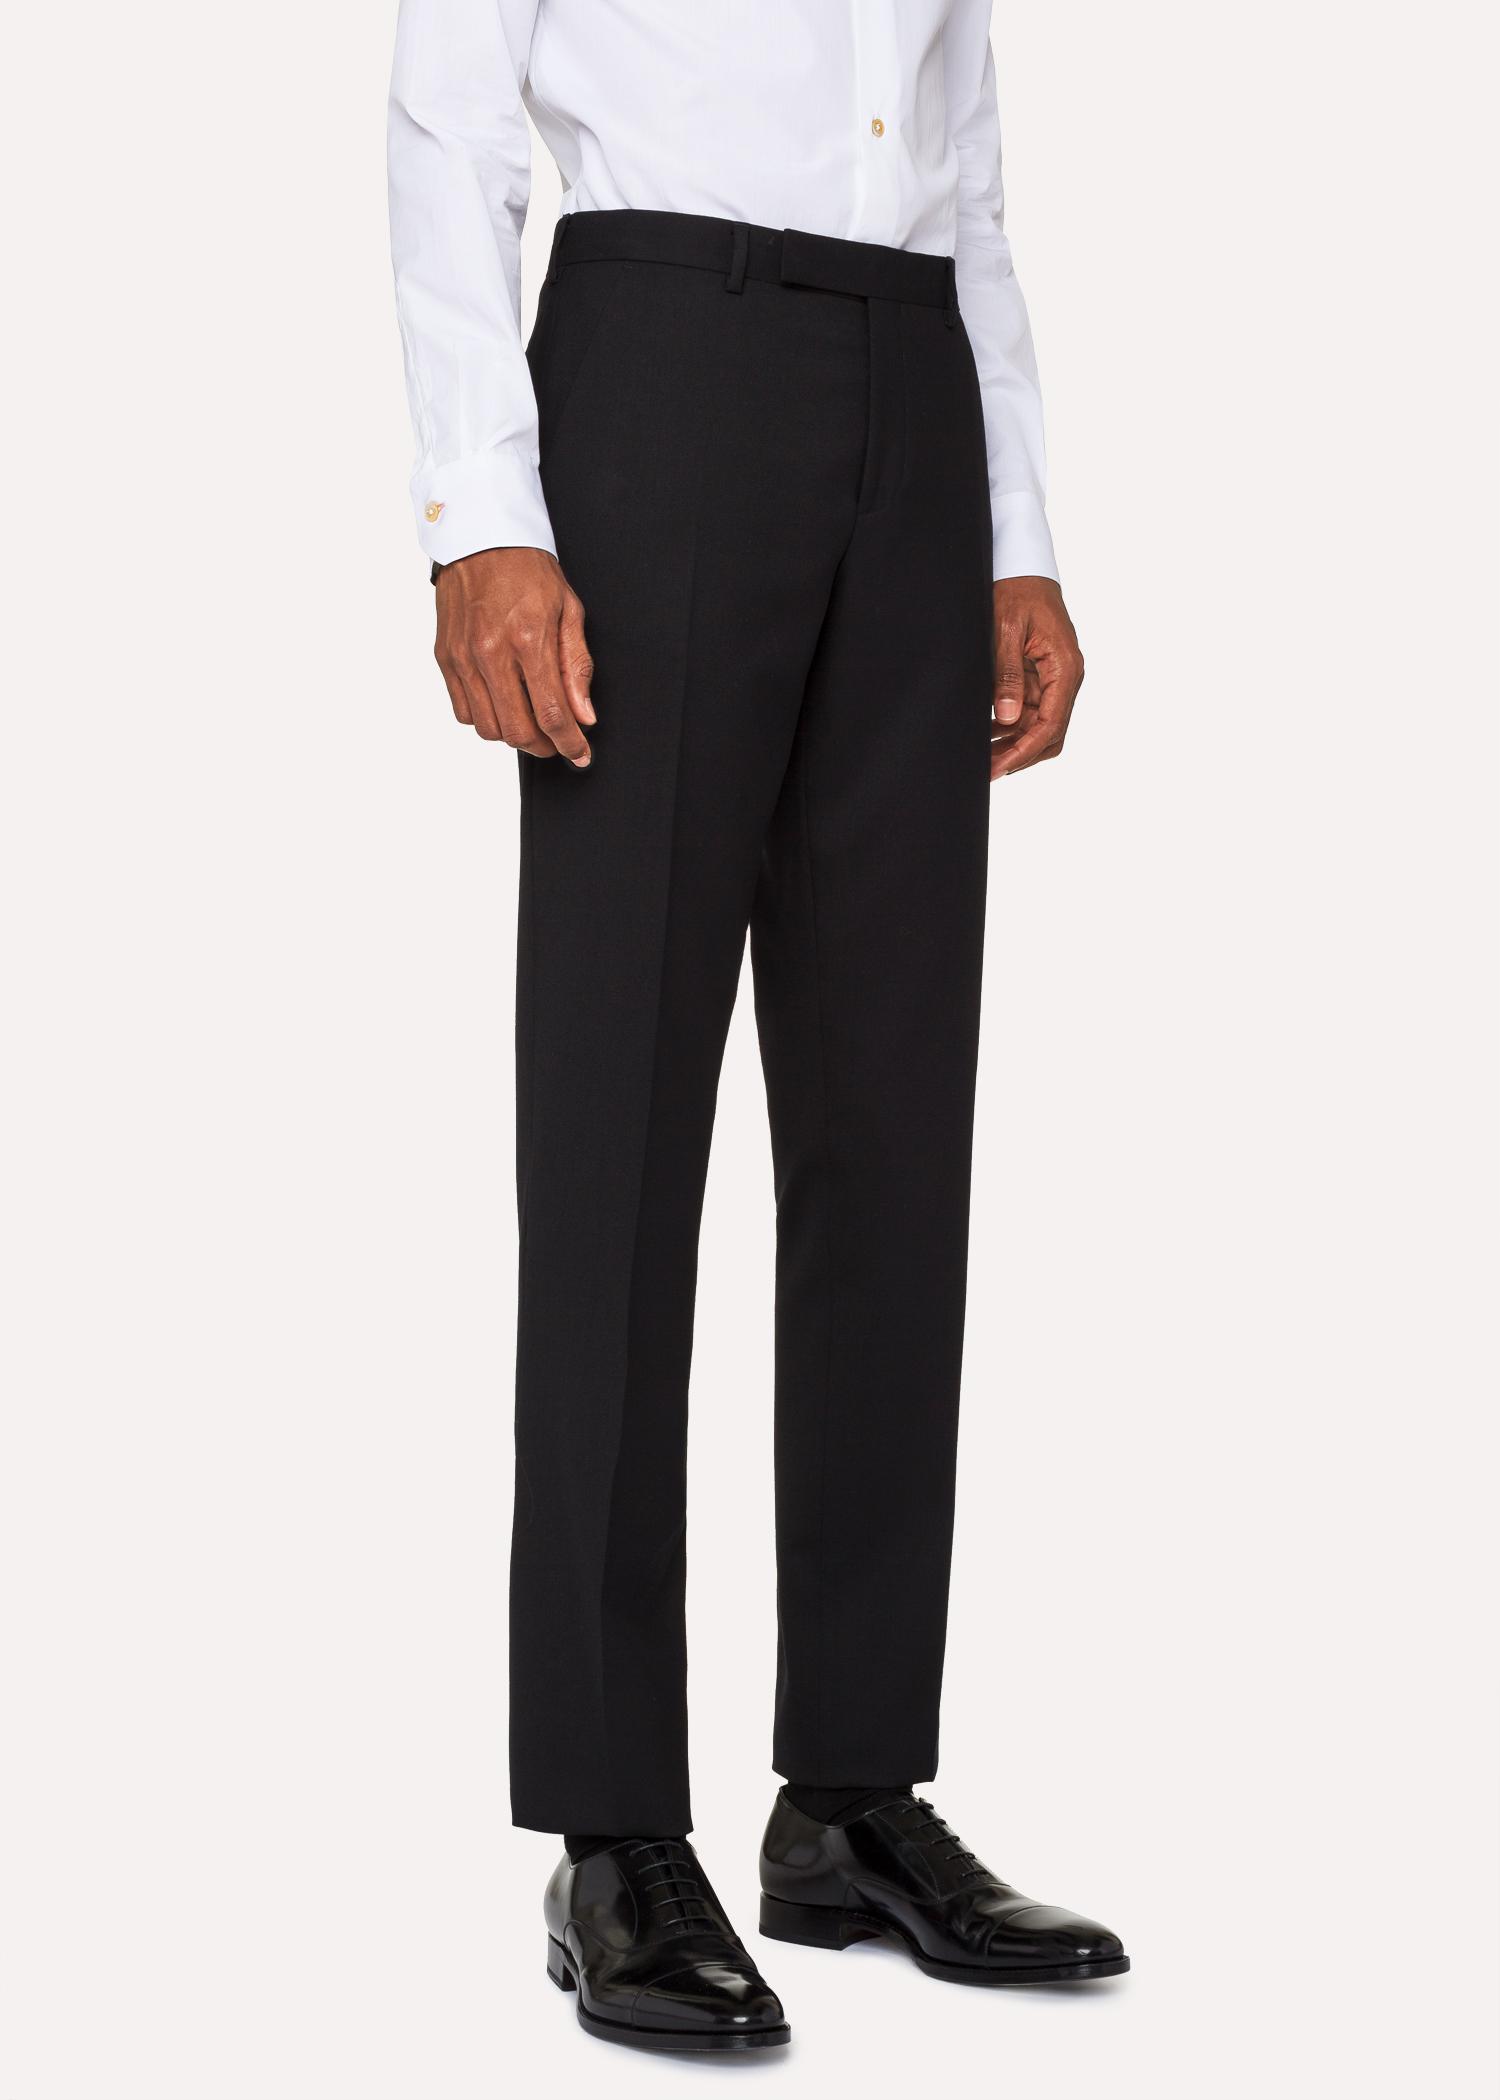 711d390cfa81a Pantalon Homme 'A Suit To Travel In' Noir En Laine Coupe Slim Paul Smith